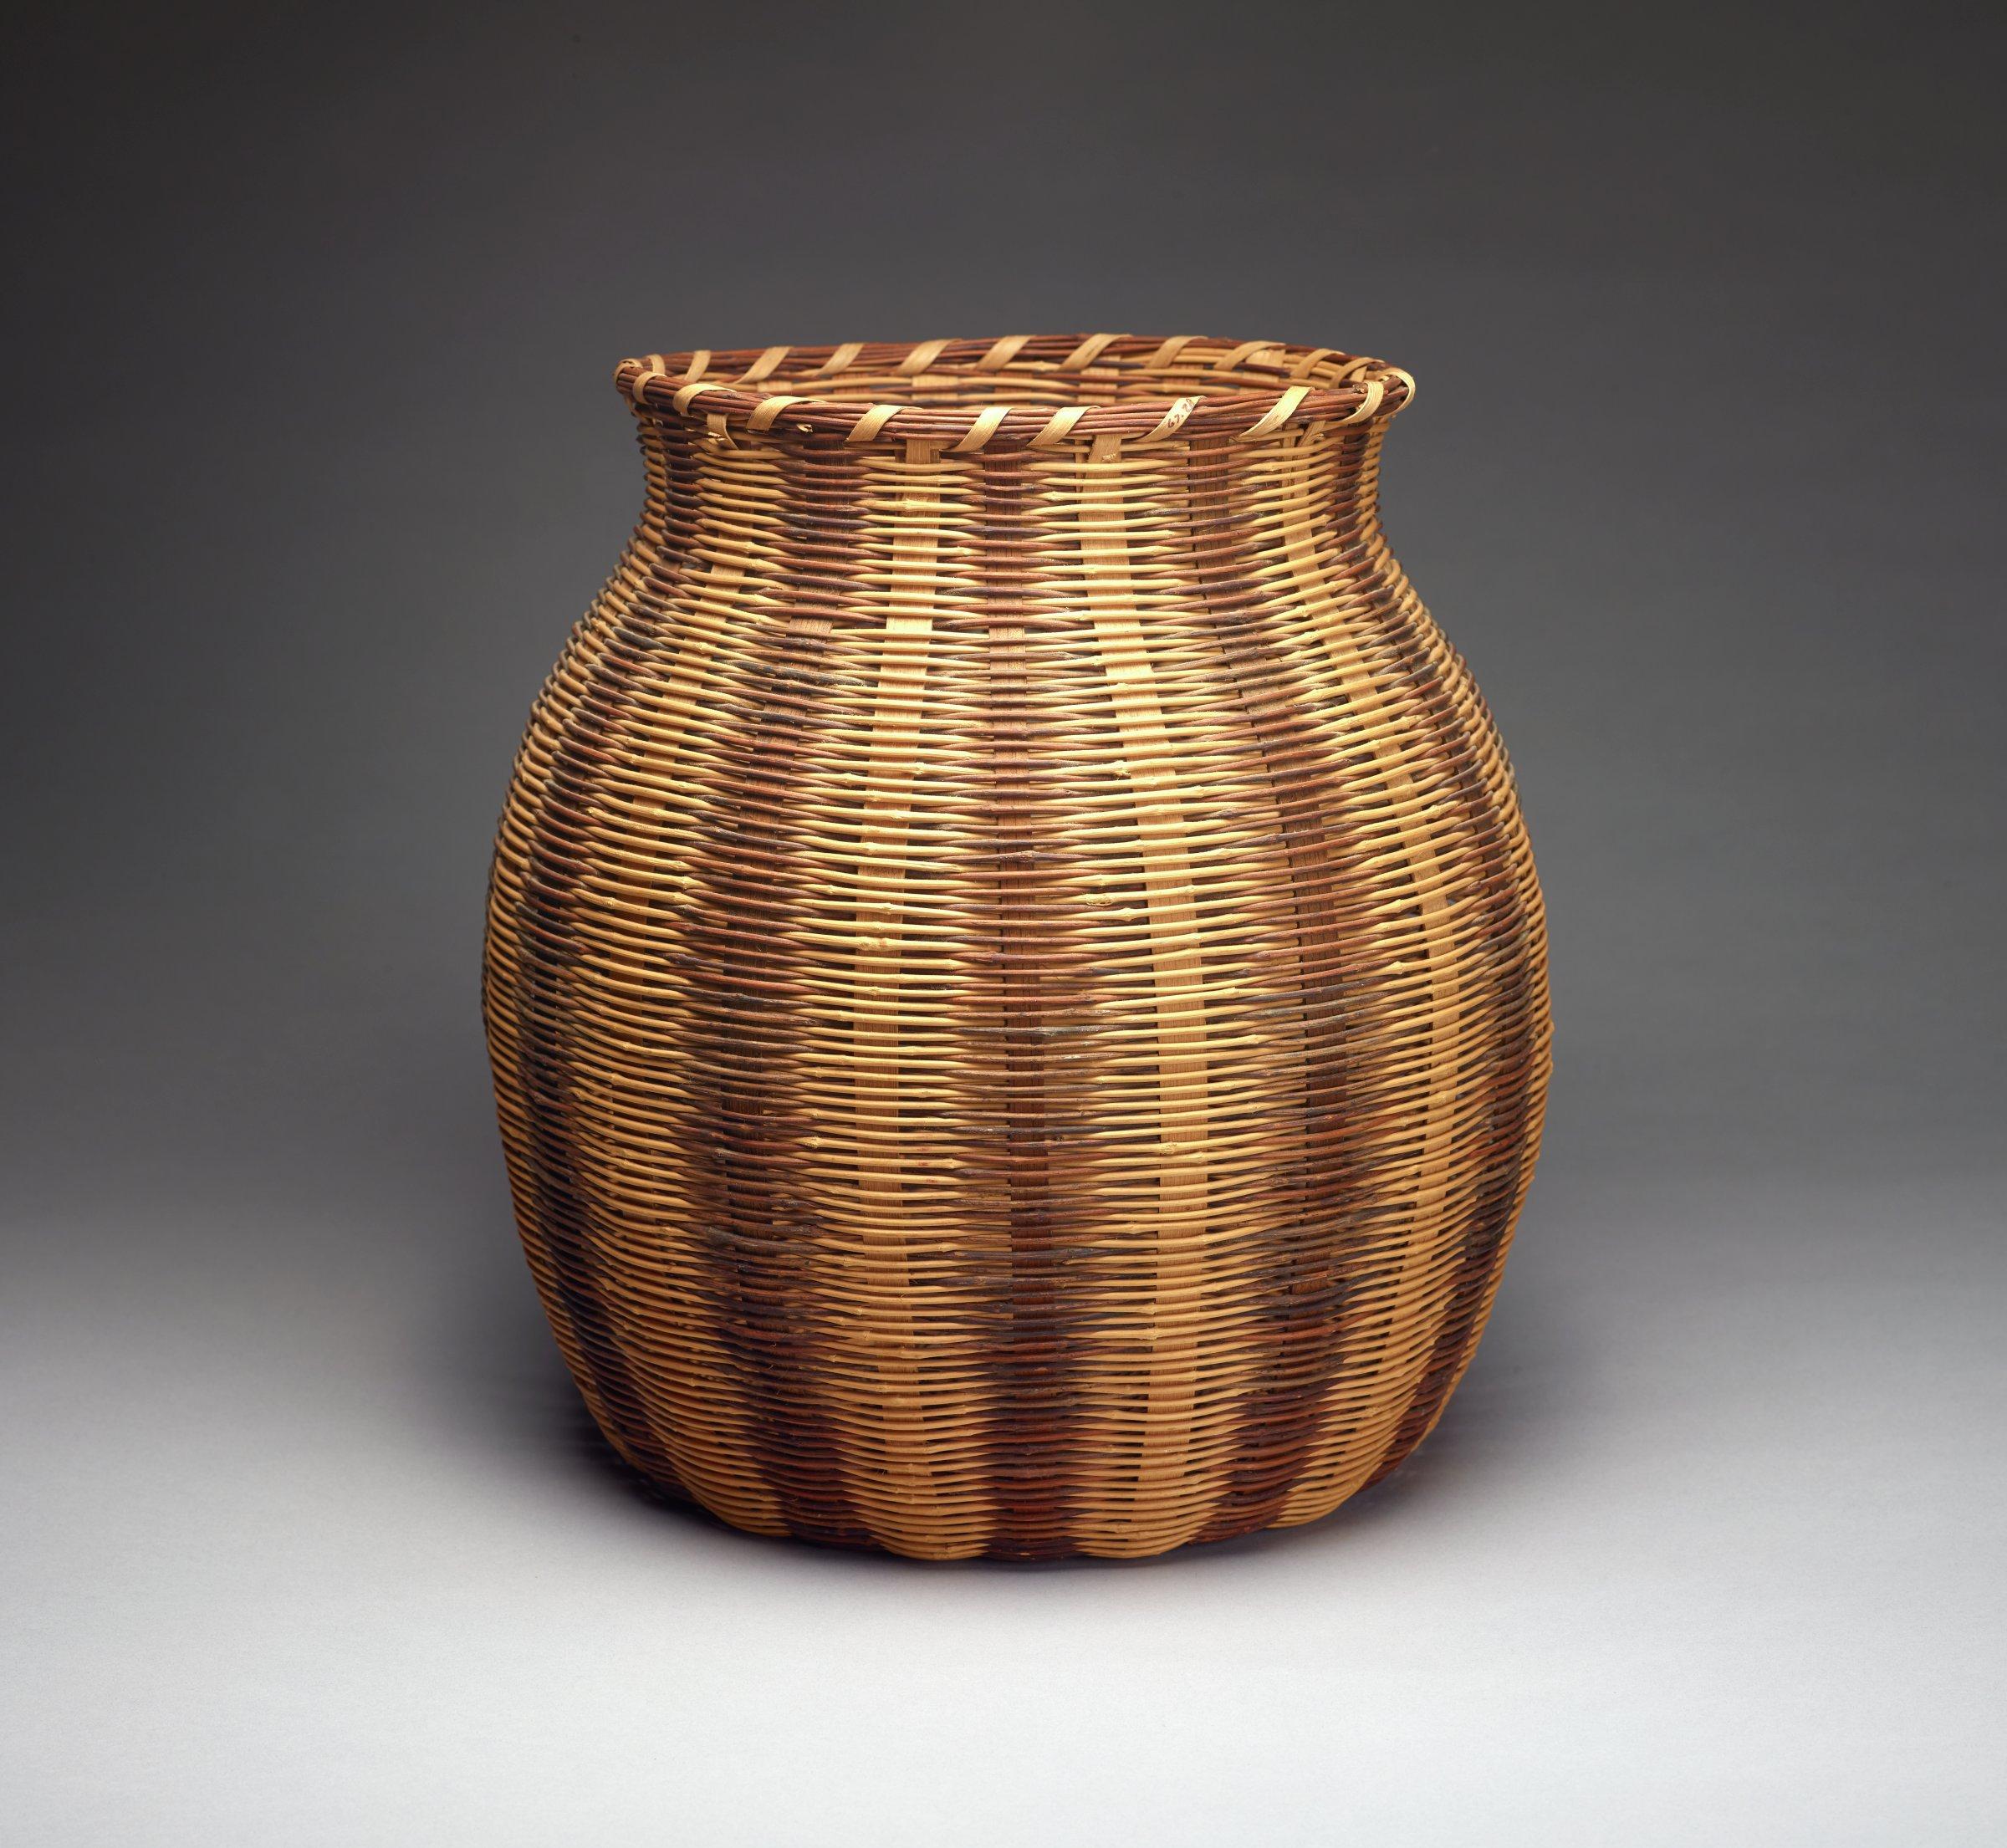 Basket, Cherokee people, Native American, honeysuckle vine